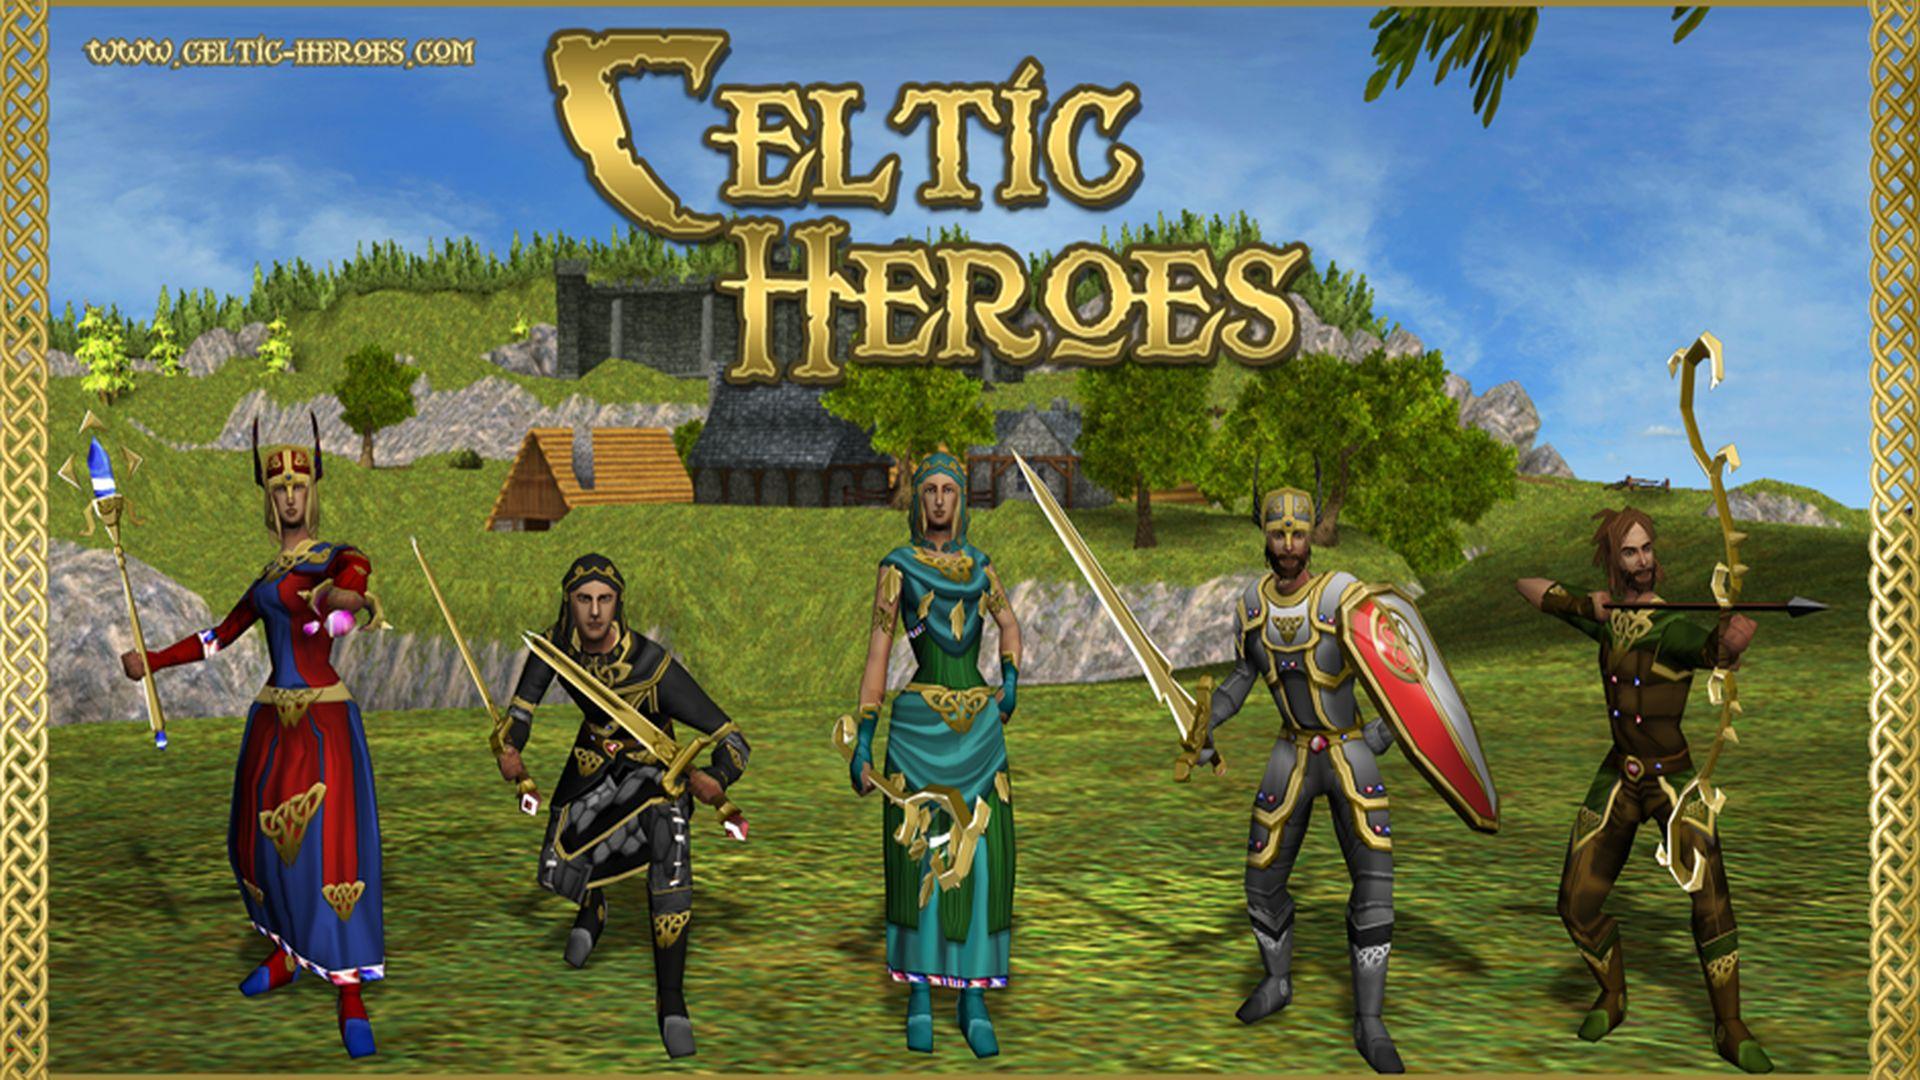 Celtic Heroes screen 02